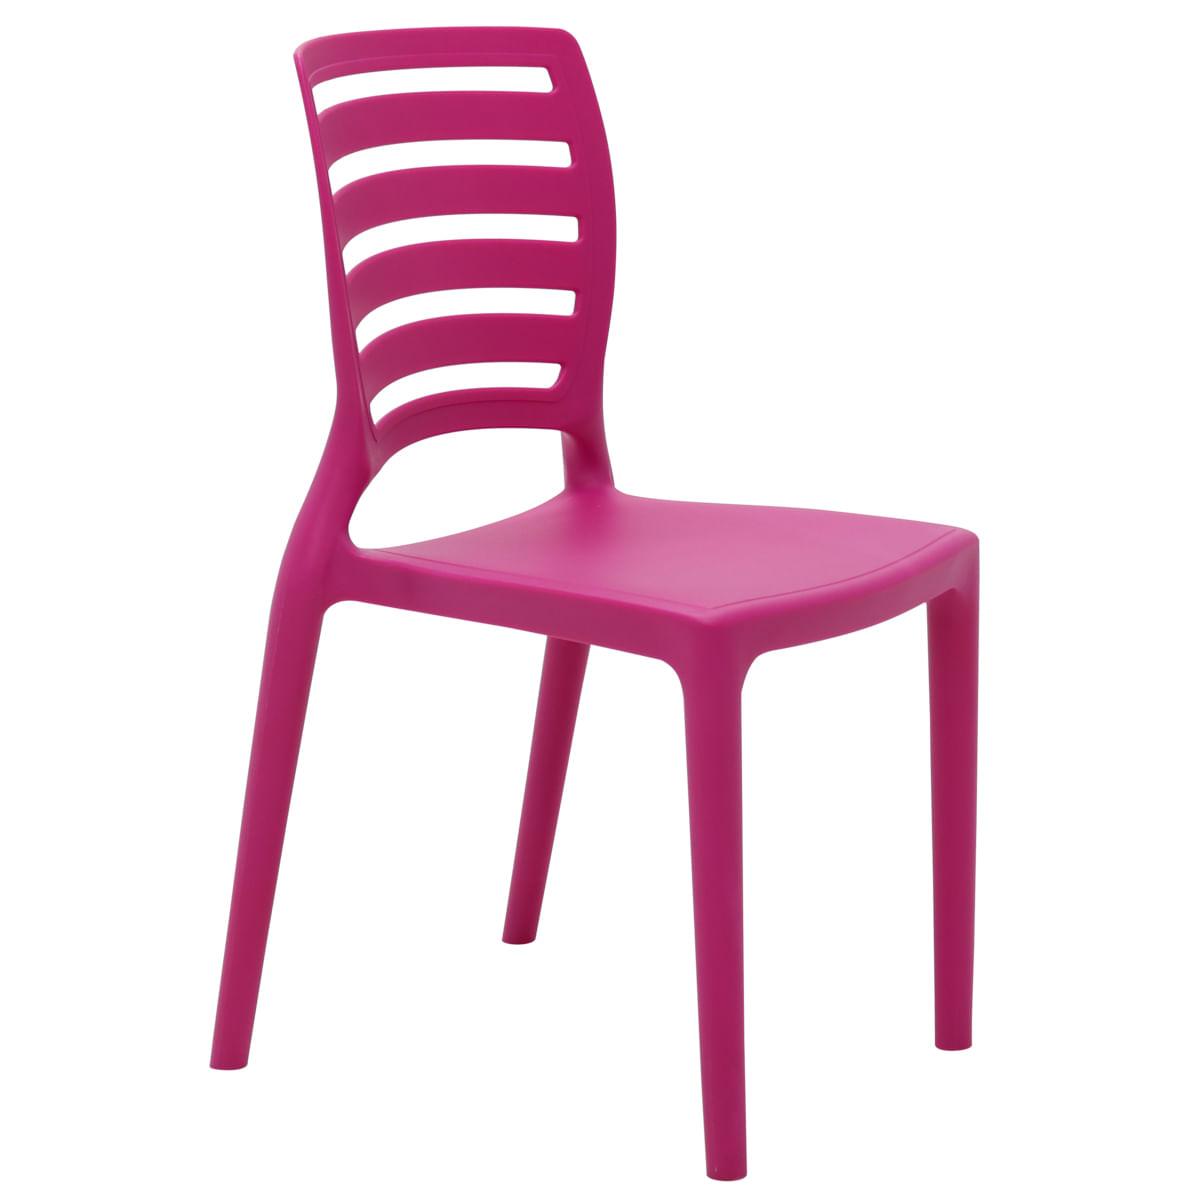 Conjunto de Mesa e Cadeira Tramontina Sofia Infantil Rosa em Polipropileno e Fibra de Vidro 2 Peças